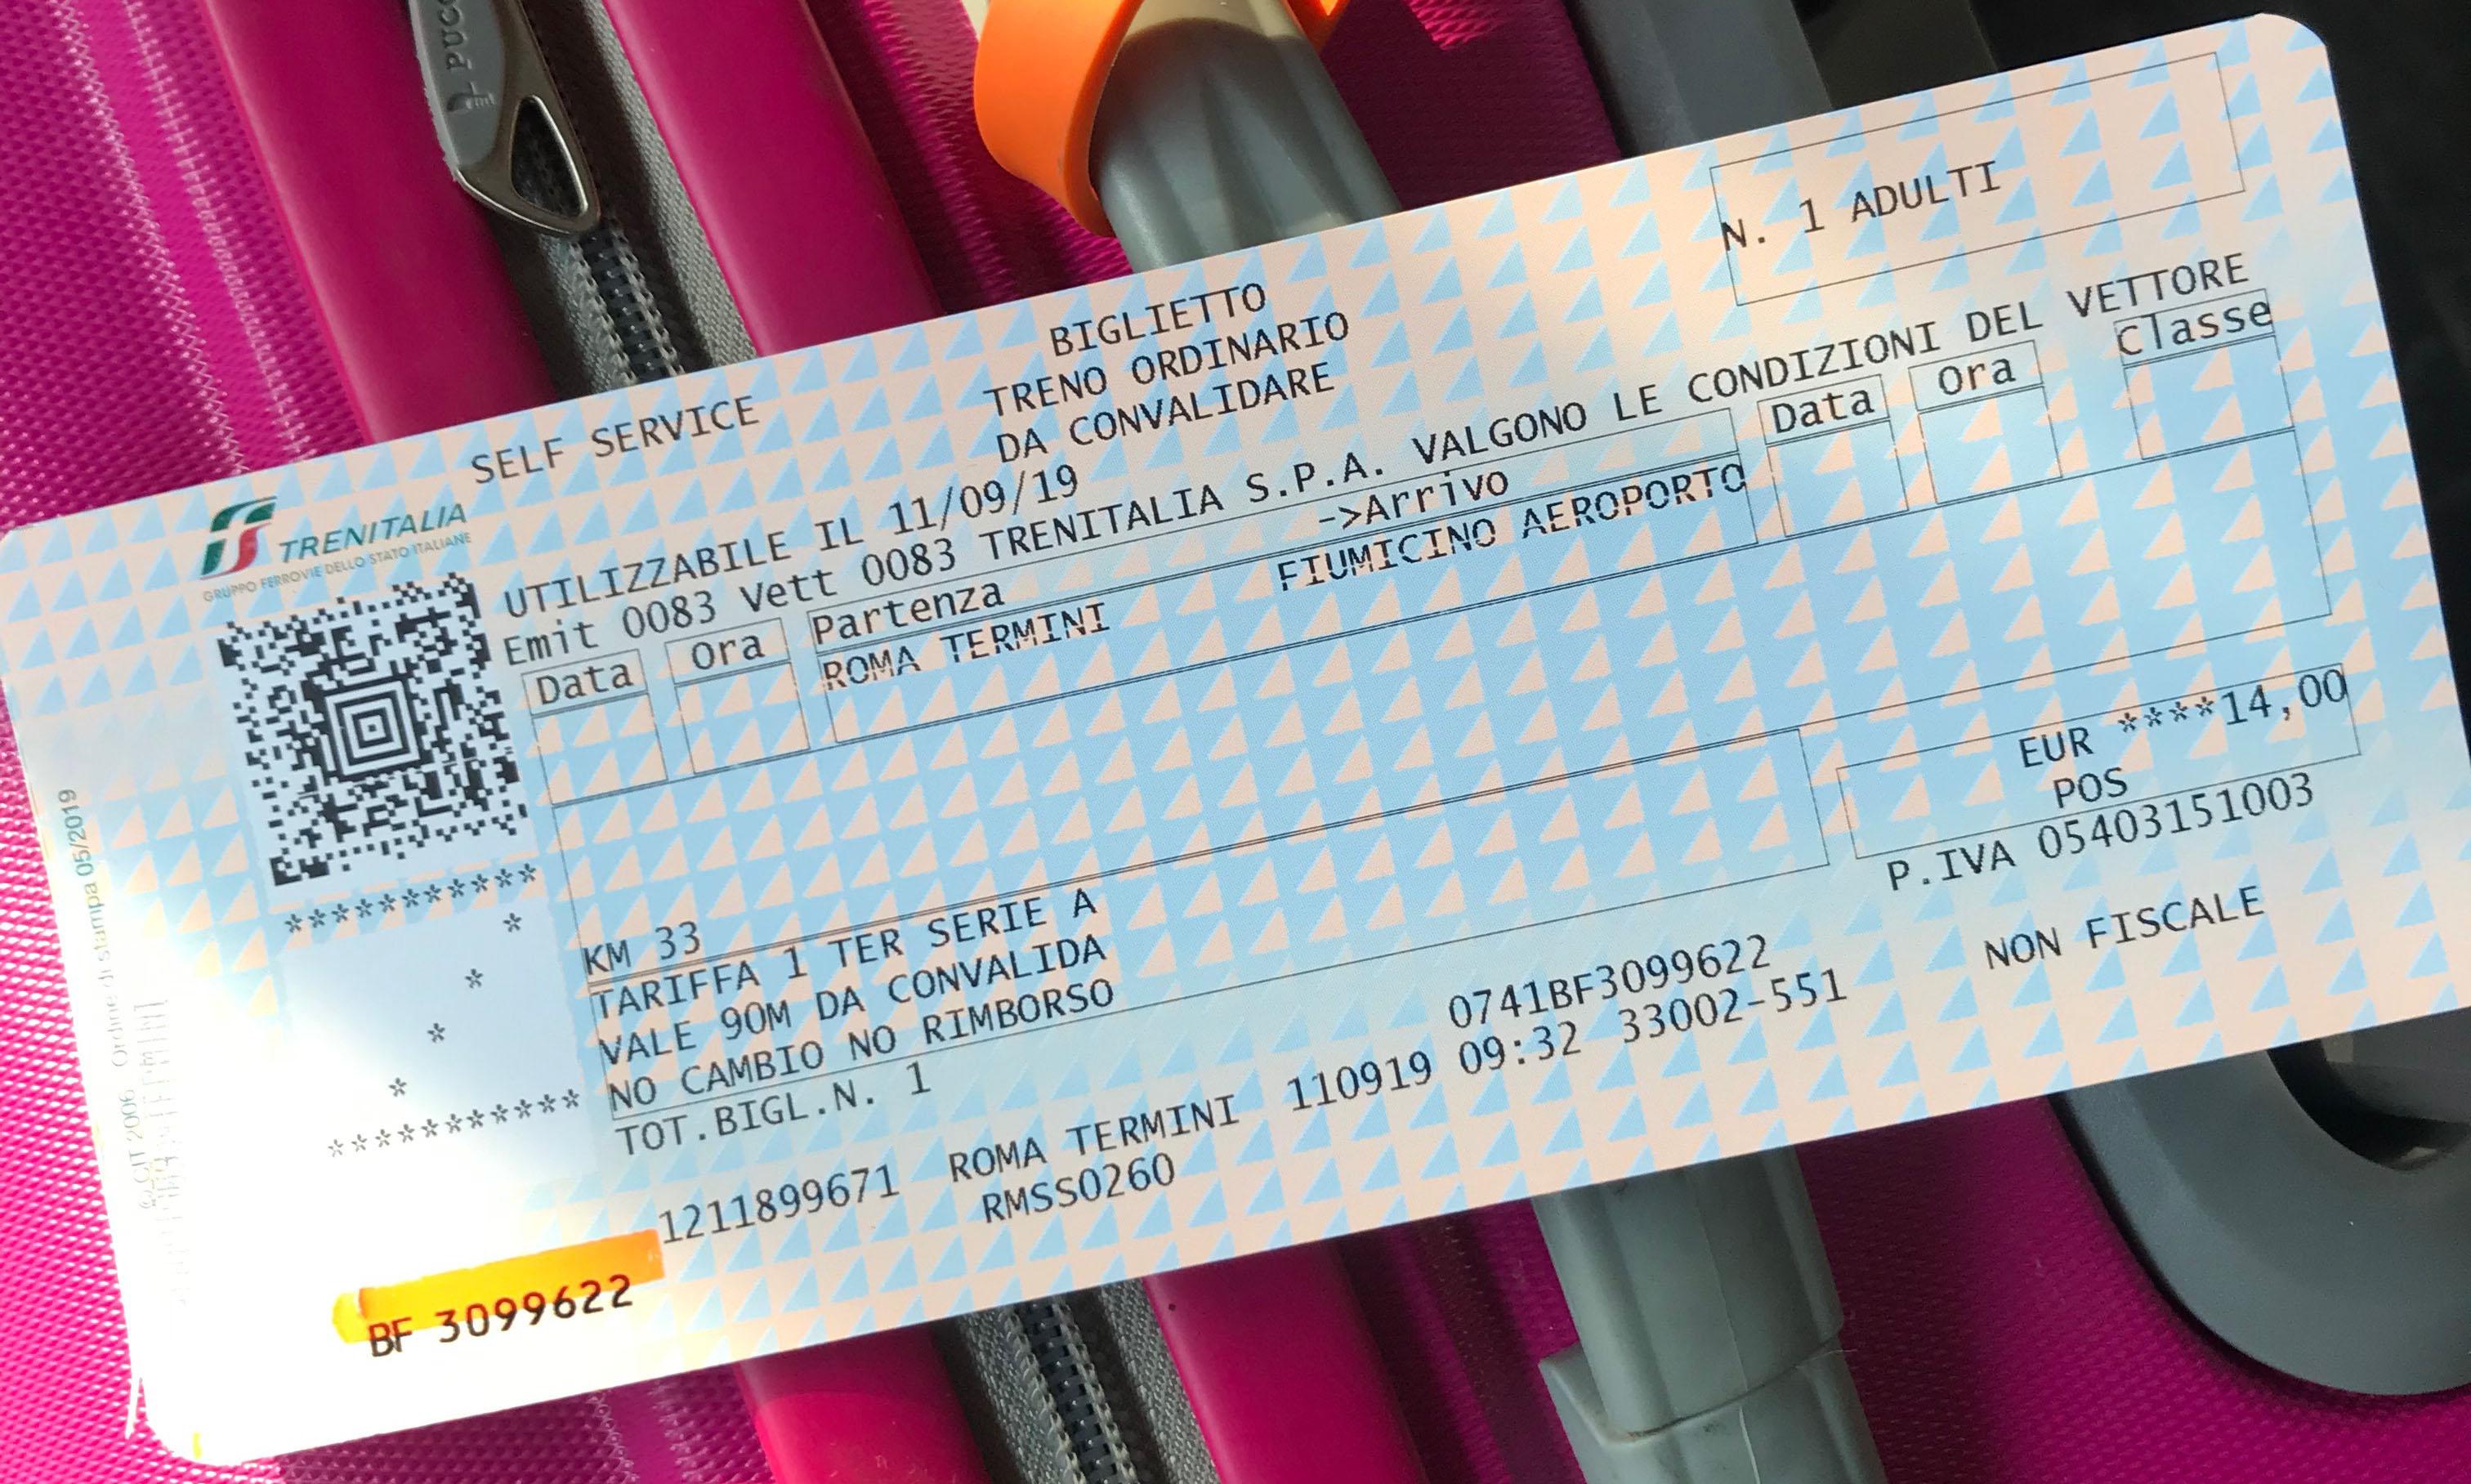 Билет из аэропорта Рима в центр города